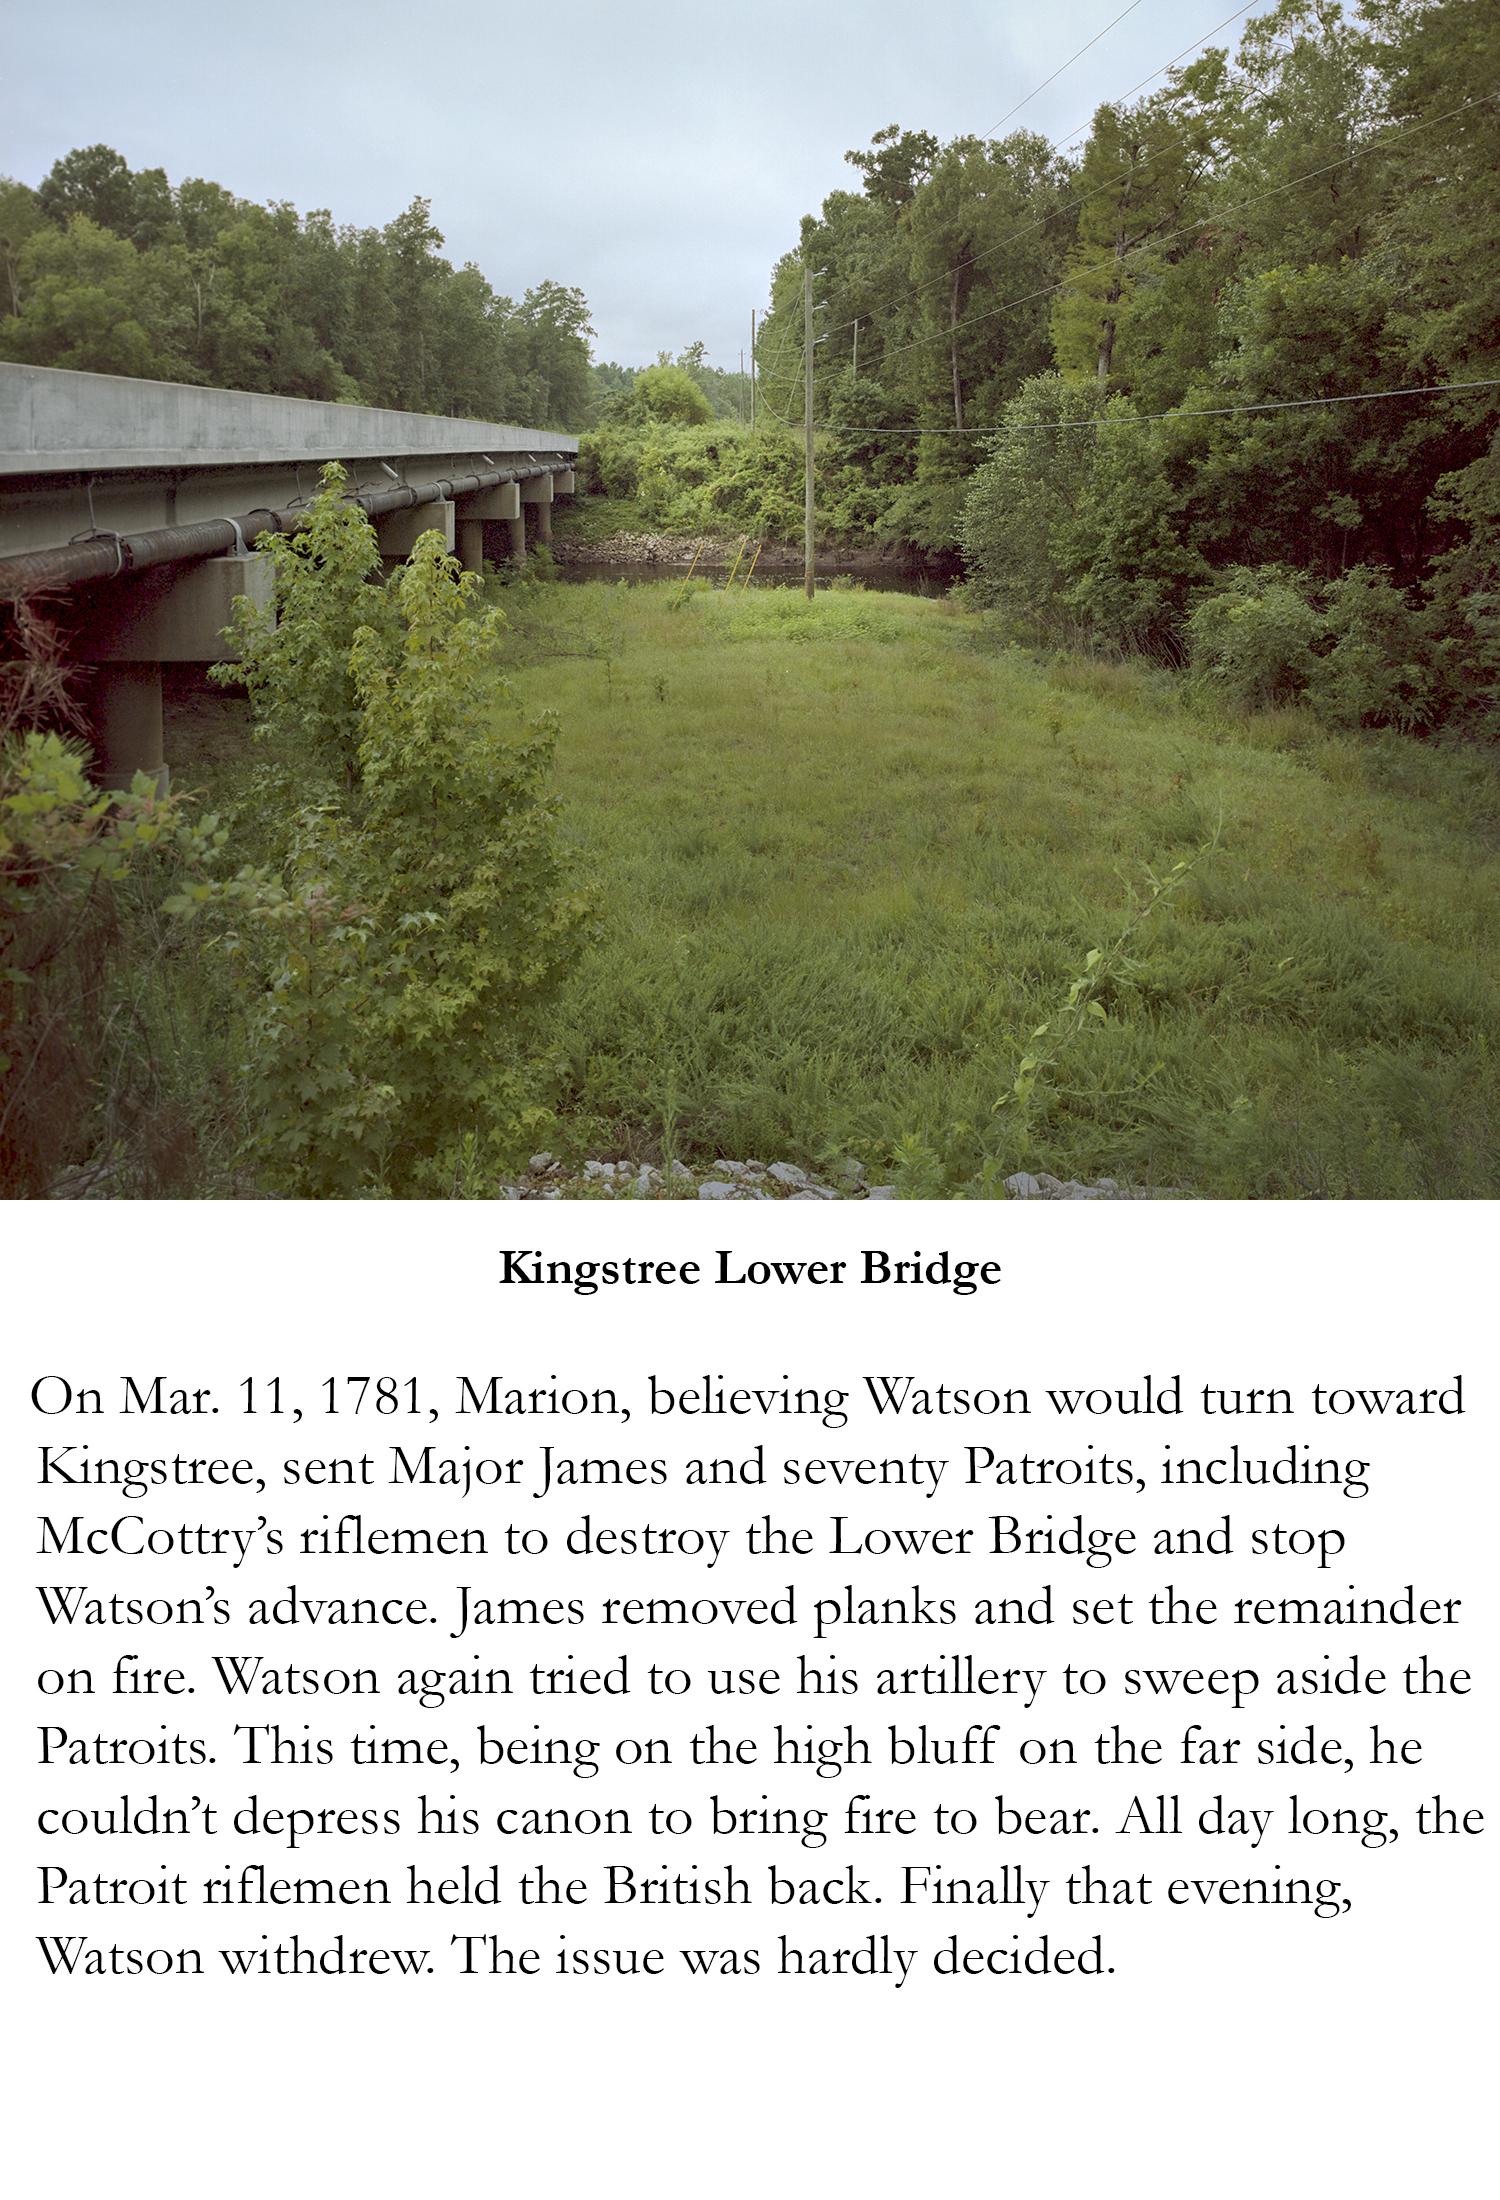 Kingstree Lower Bridge.jpg